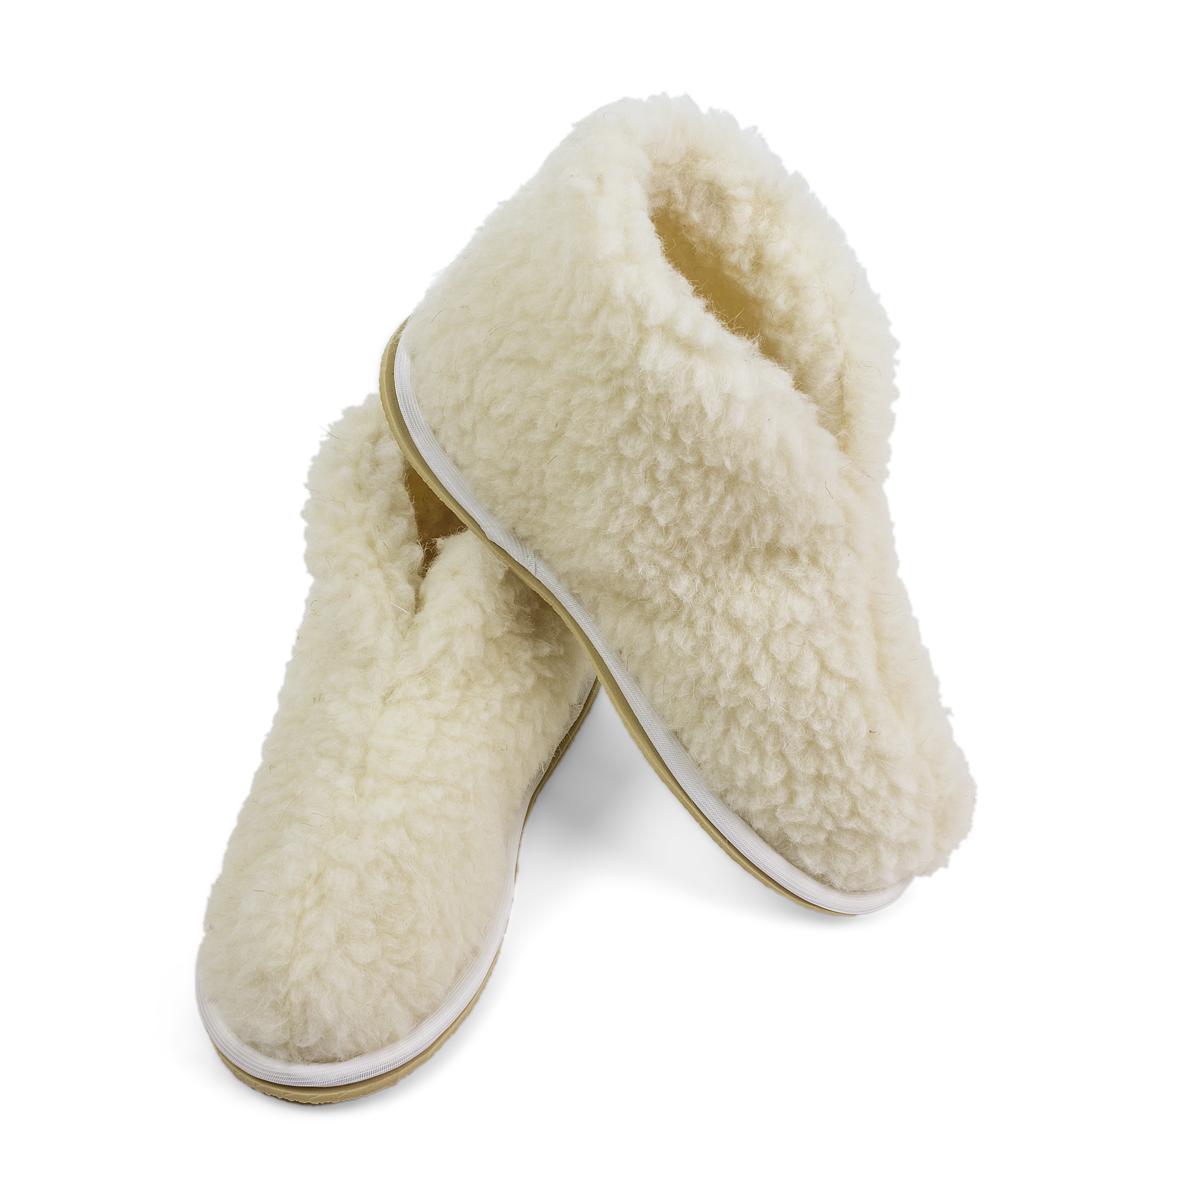 Обувь Бабуши Уют Эконом Белый р. 42-43Подушки<br><br><br>Тип: Обувь<br>Размер: 42-43<br>Материал: Овечья шерсть